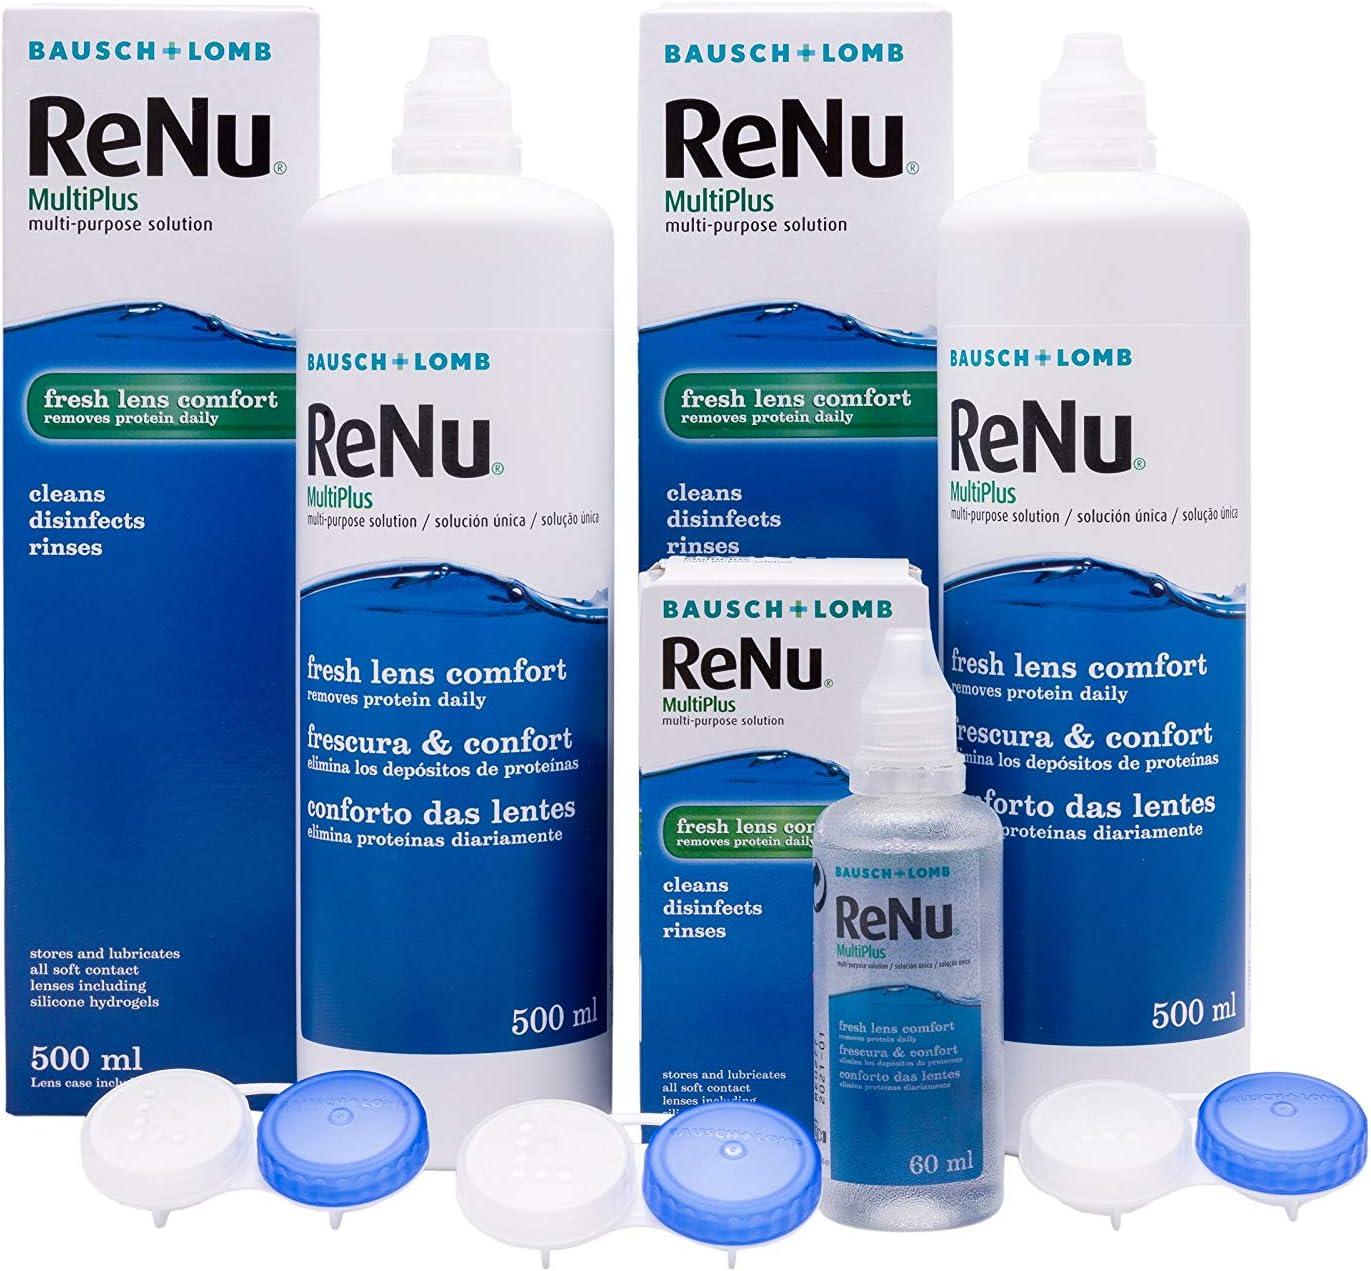 BAUSCH + LOMB - Renu® MultiPlus Solución de Mantenimiento - Pack 2 botellas x 500 ml y 60 ml de regalo